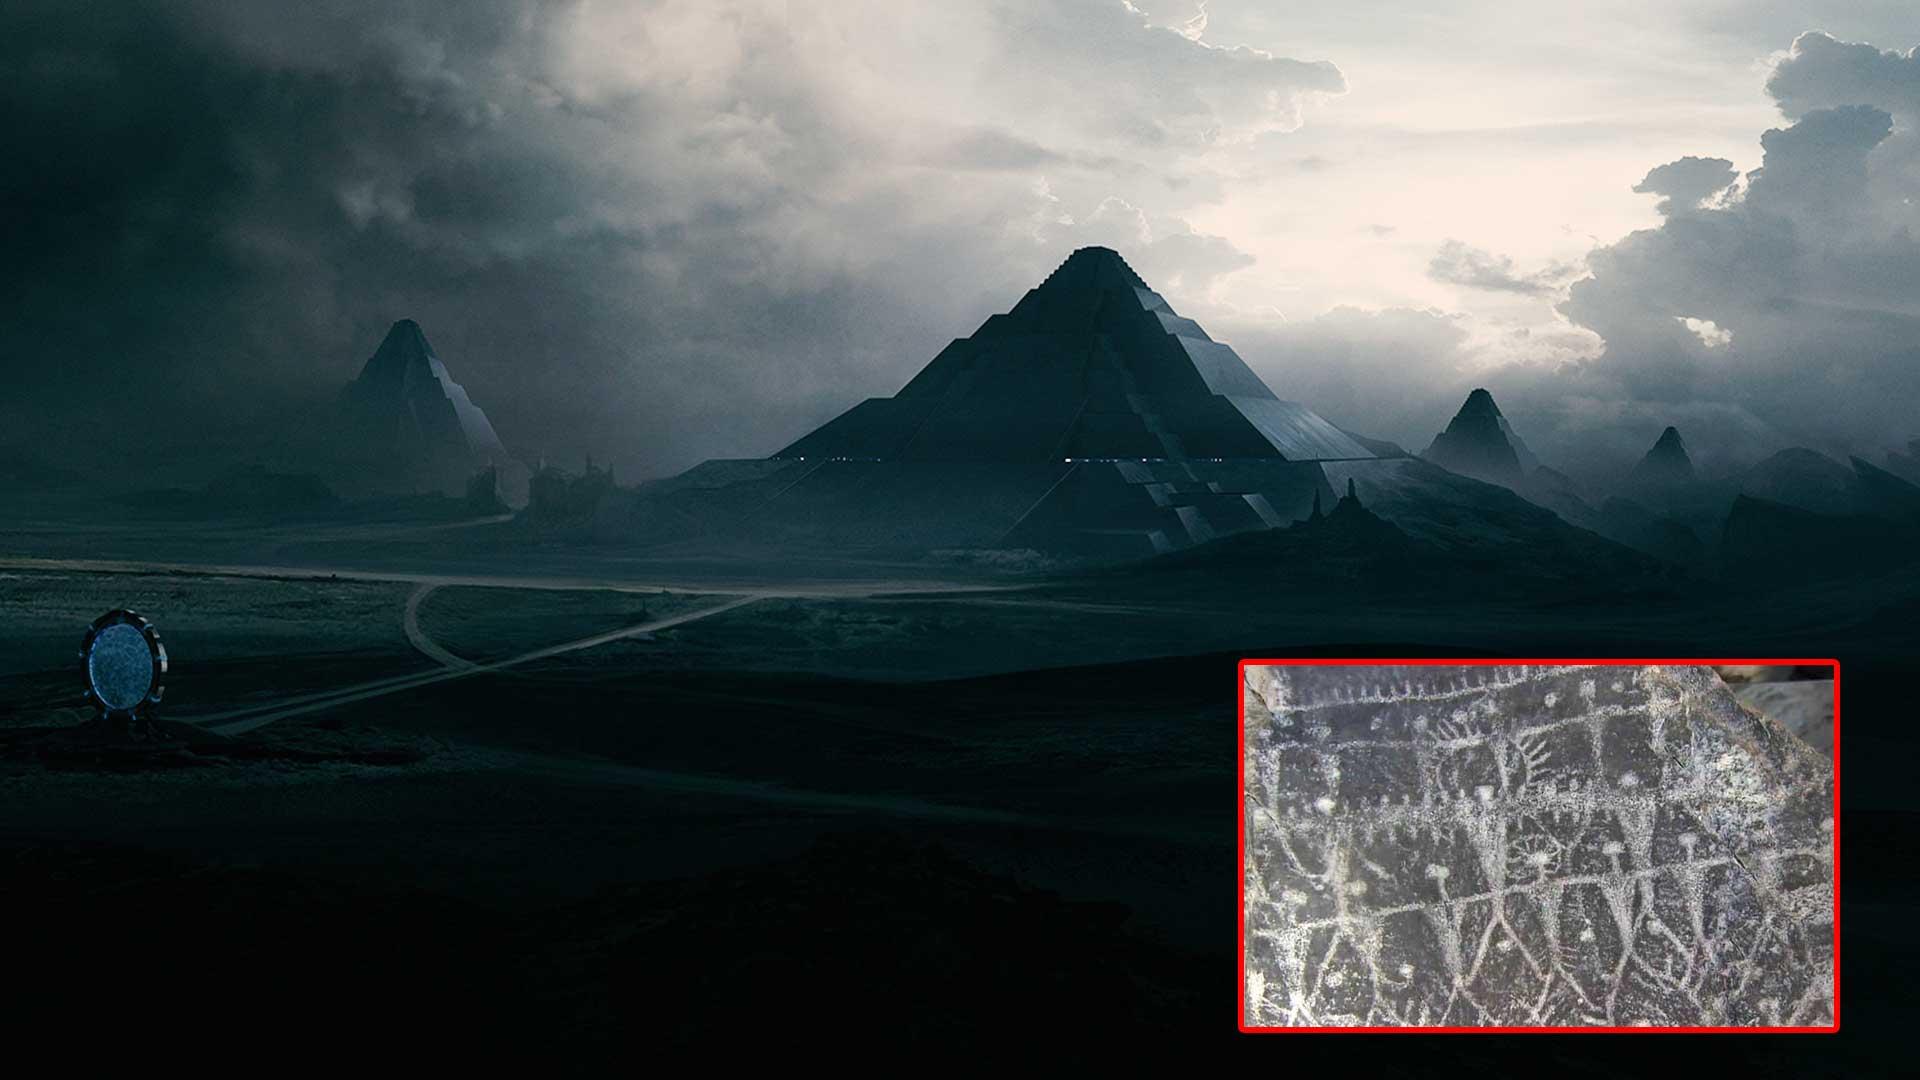 Estas son las evidencias más contundentes que demuestran el contacto extraterrestre en la antigüedad